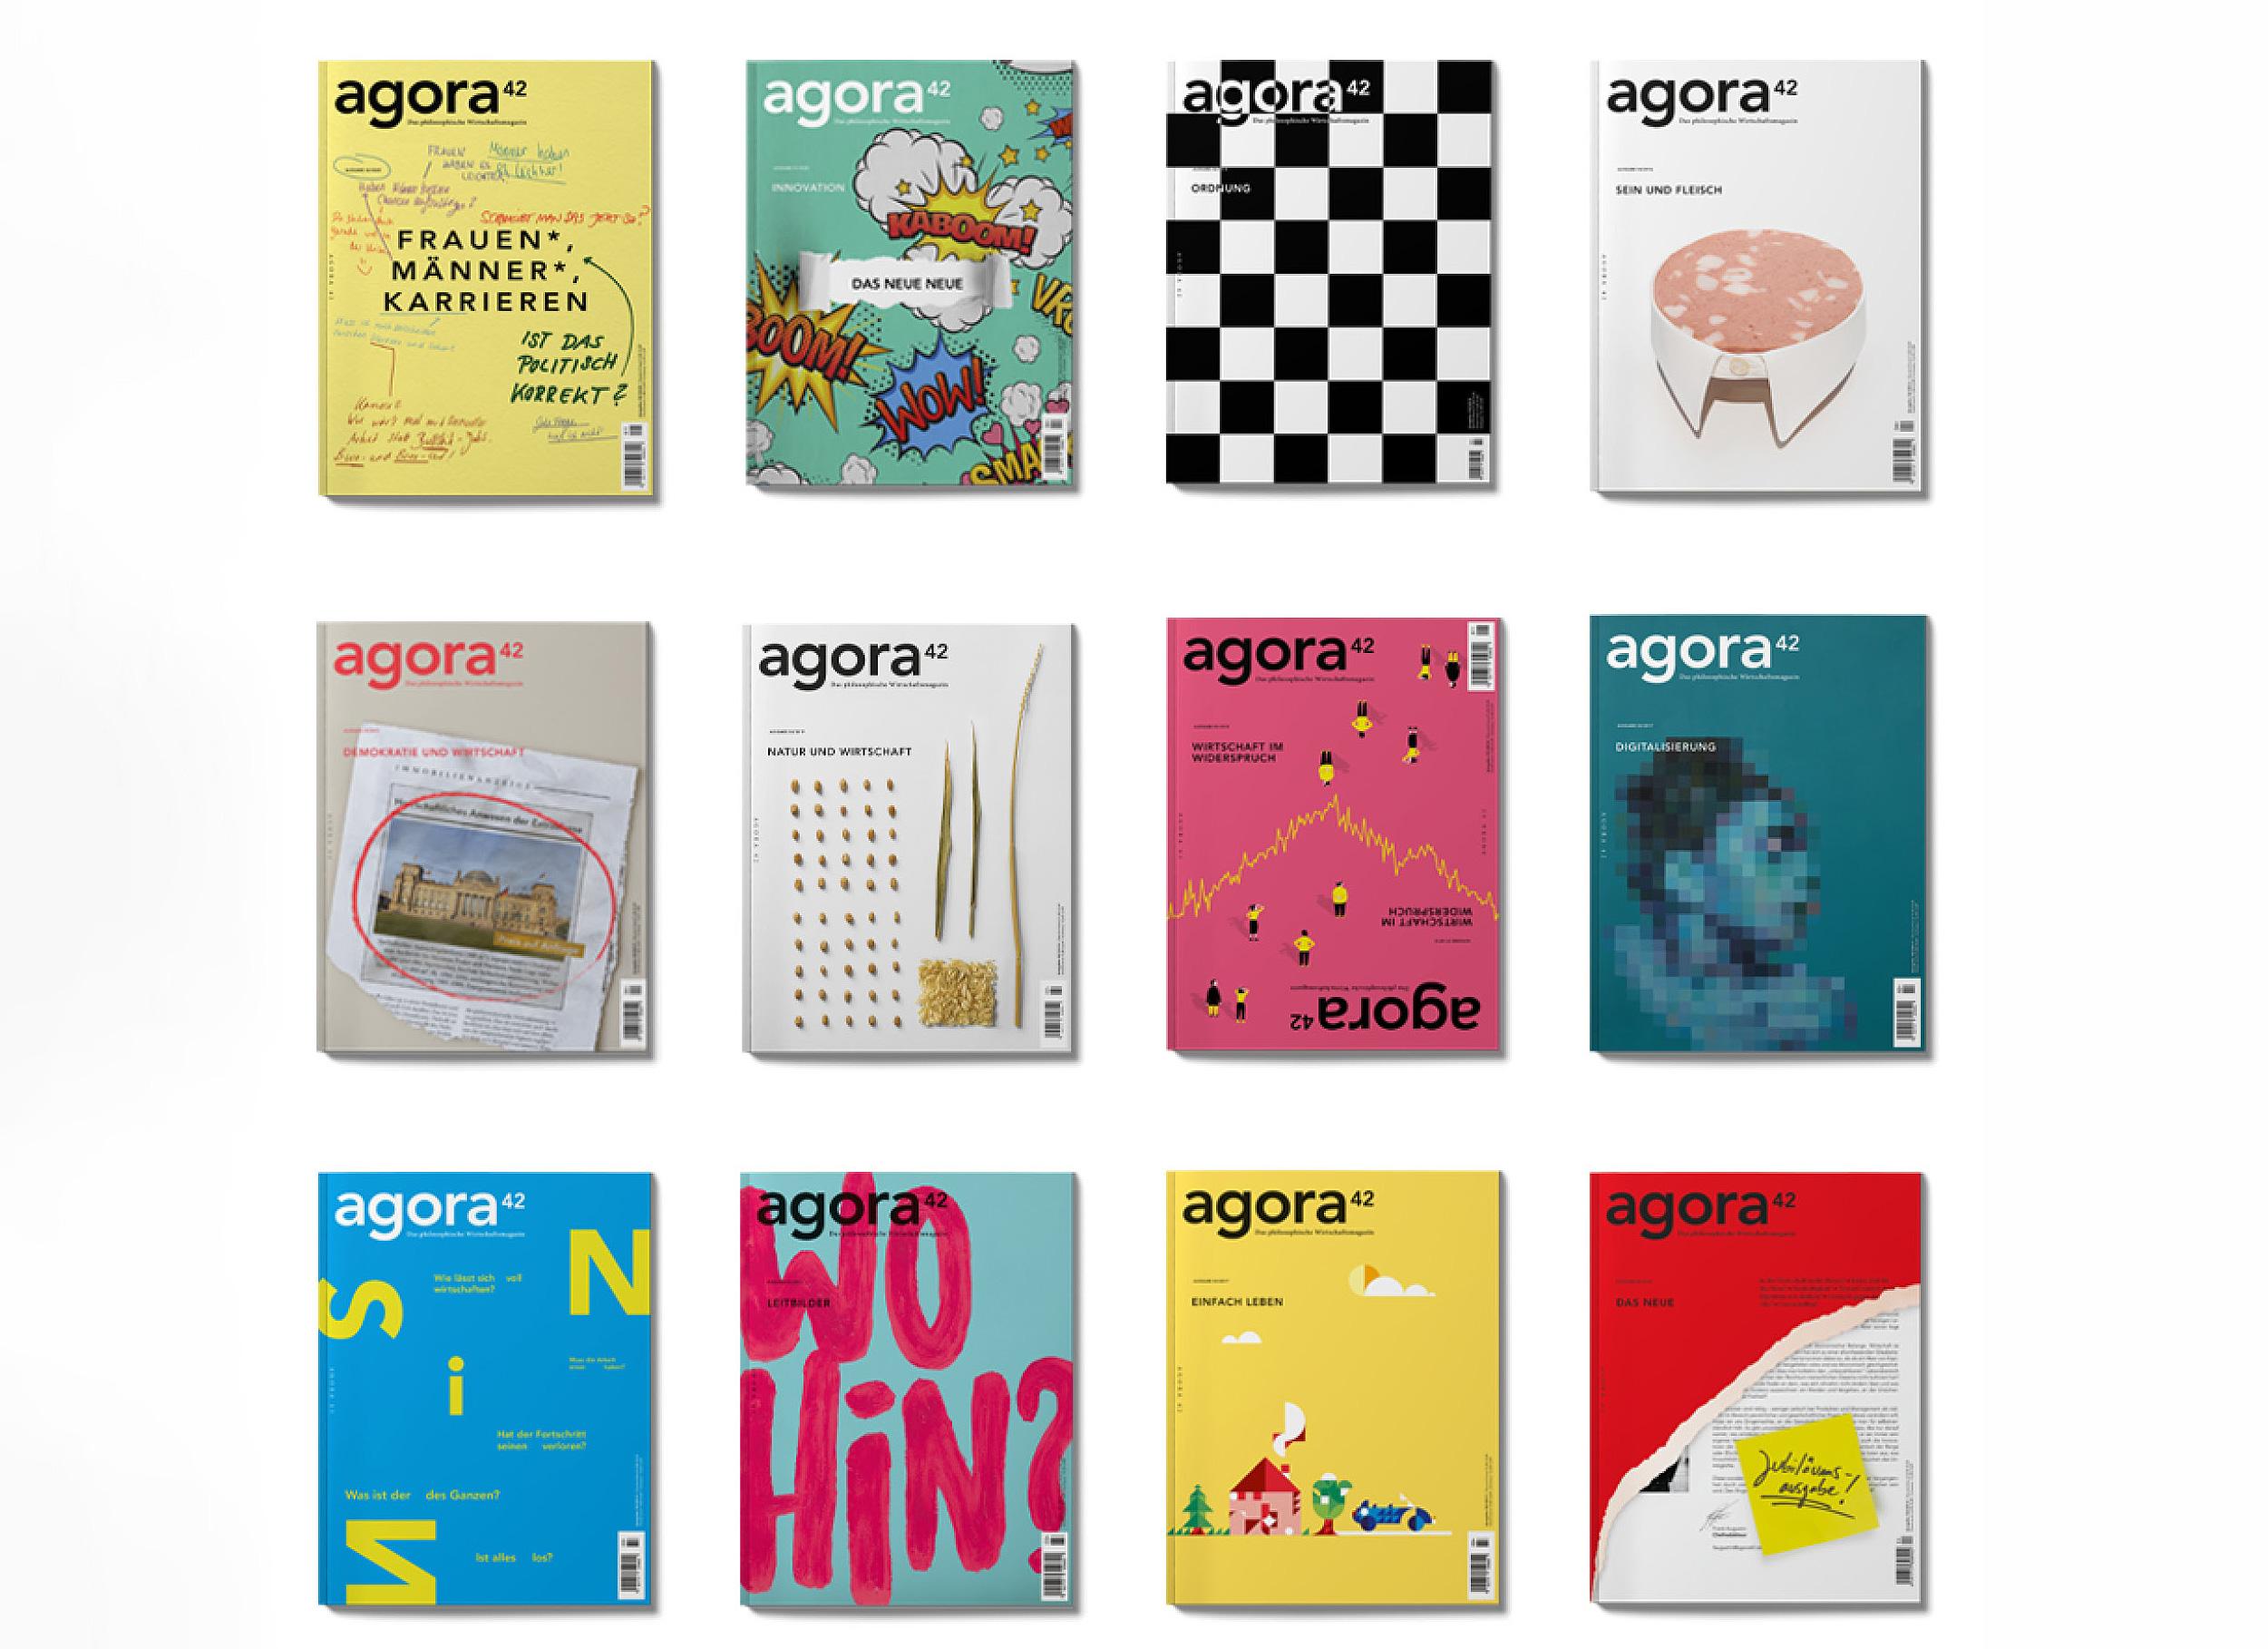 6DMBO-Studio-für-Gestaltung-Pforzheim-agora42-Philosophisch-magazine-design-editorial